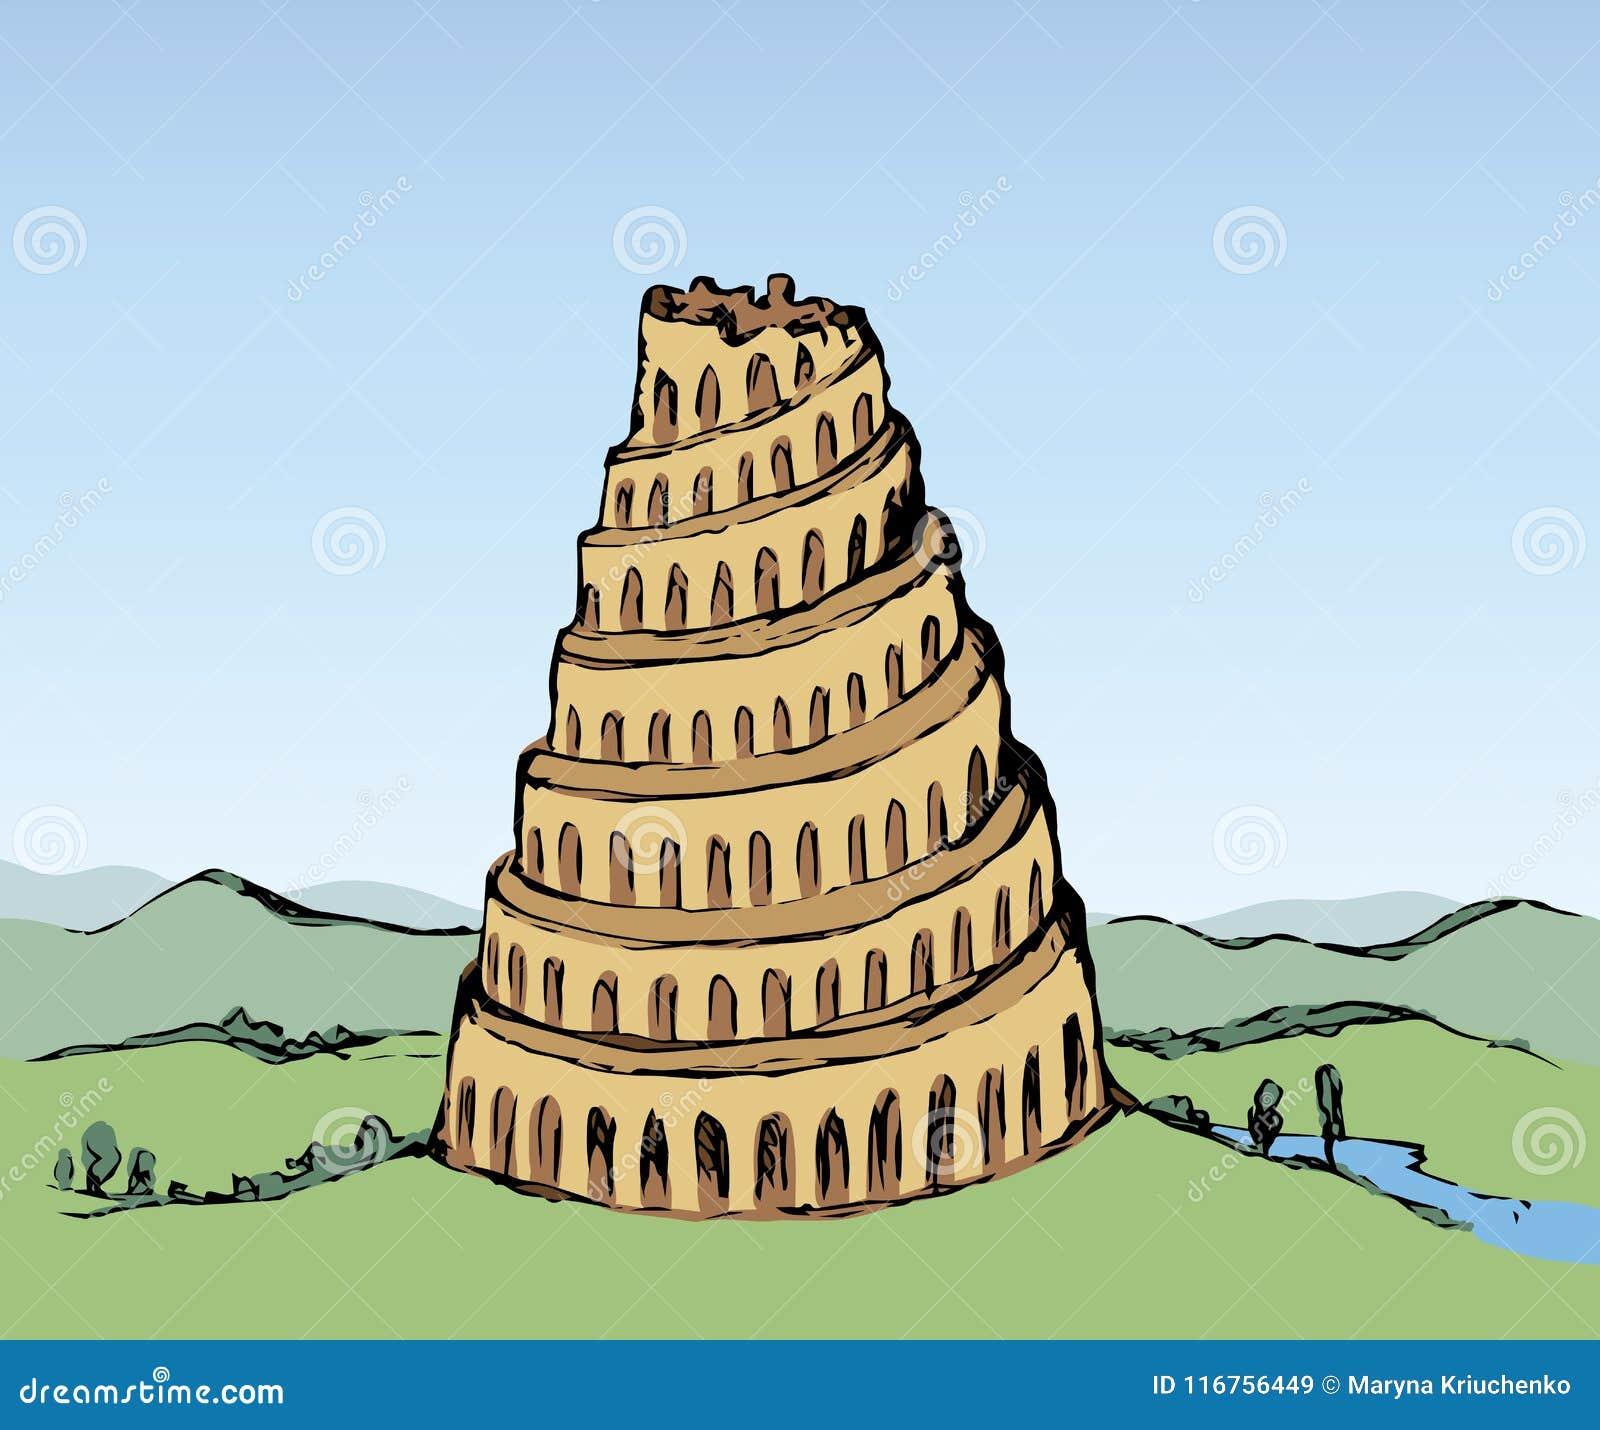 Torre De Babel Desenho Do Vetor Ilustracao Do Vetor Ilustracao